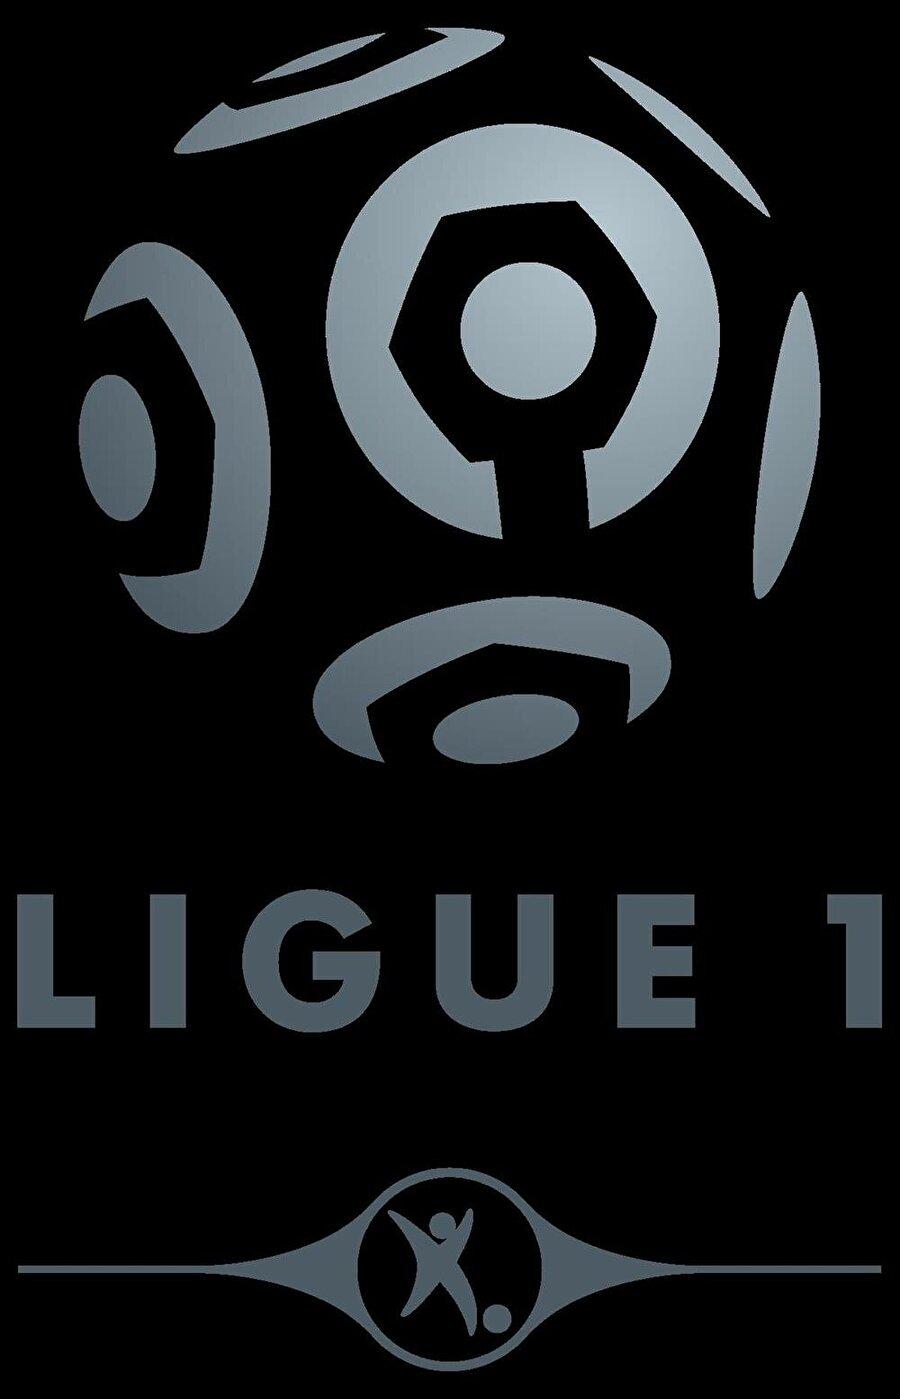 Fransa Yabancı oyuncu sınırlaması: Avrupa Birliği pasaportu bulunmayan 4 futbolcu Kadroda bulunabilecek yabancı oyuncu sayısı: Avrupa Birliği pasaportu bulunmayan 4 futbolcu Sahaya çıkabilecek yabancı oyuncu sayısı: Avrupa Birliği pasaportu bulunmayan 4 futbolcu FIFA sıralaması: 10 2010 Dünya Kupası: Grup sonuncusu 2012 Avrupa Şampiyonası: Çeyrek final 2014 Dünya Kupası: Çeyrek final 2016 Avrupa Şampiyonası: İkincilik